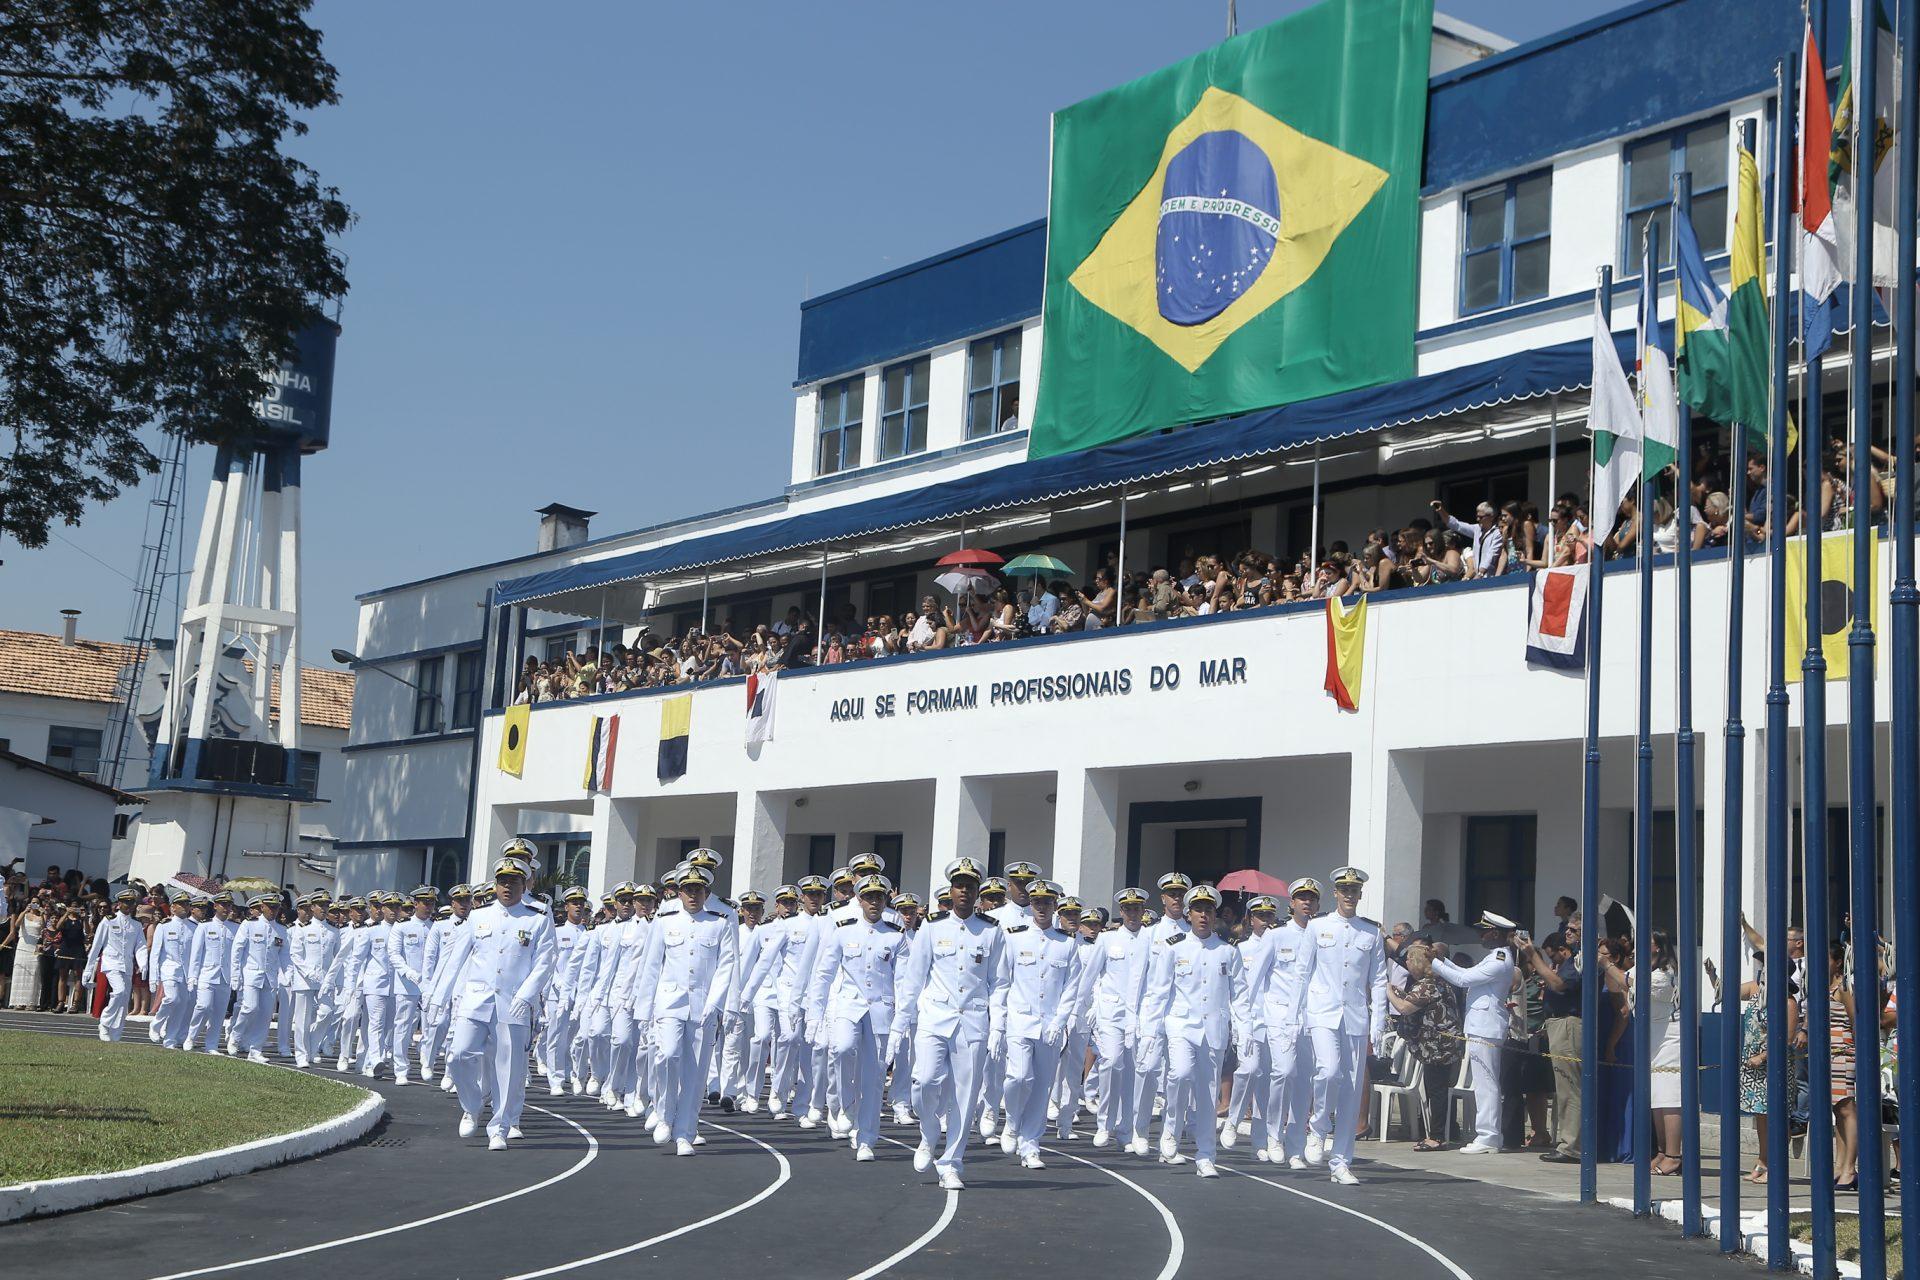 concurso engenharia e arquitetura Marinha